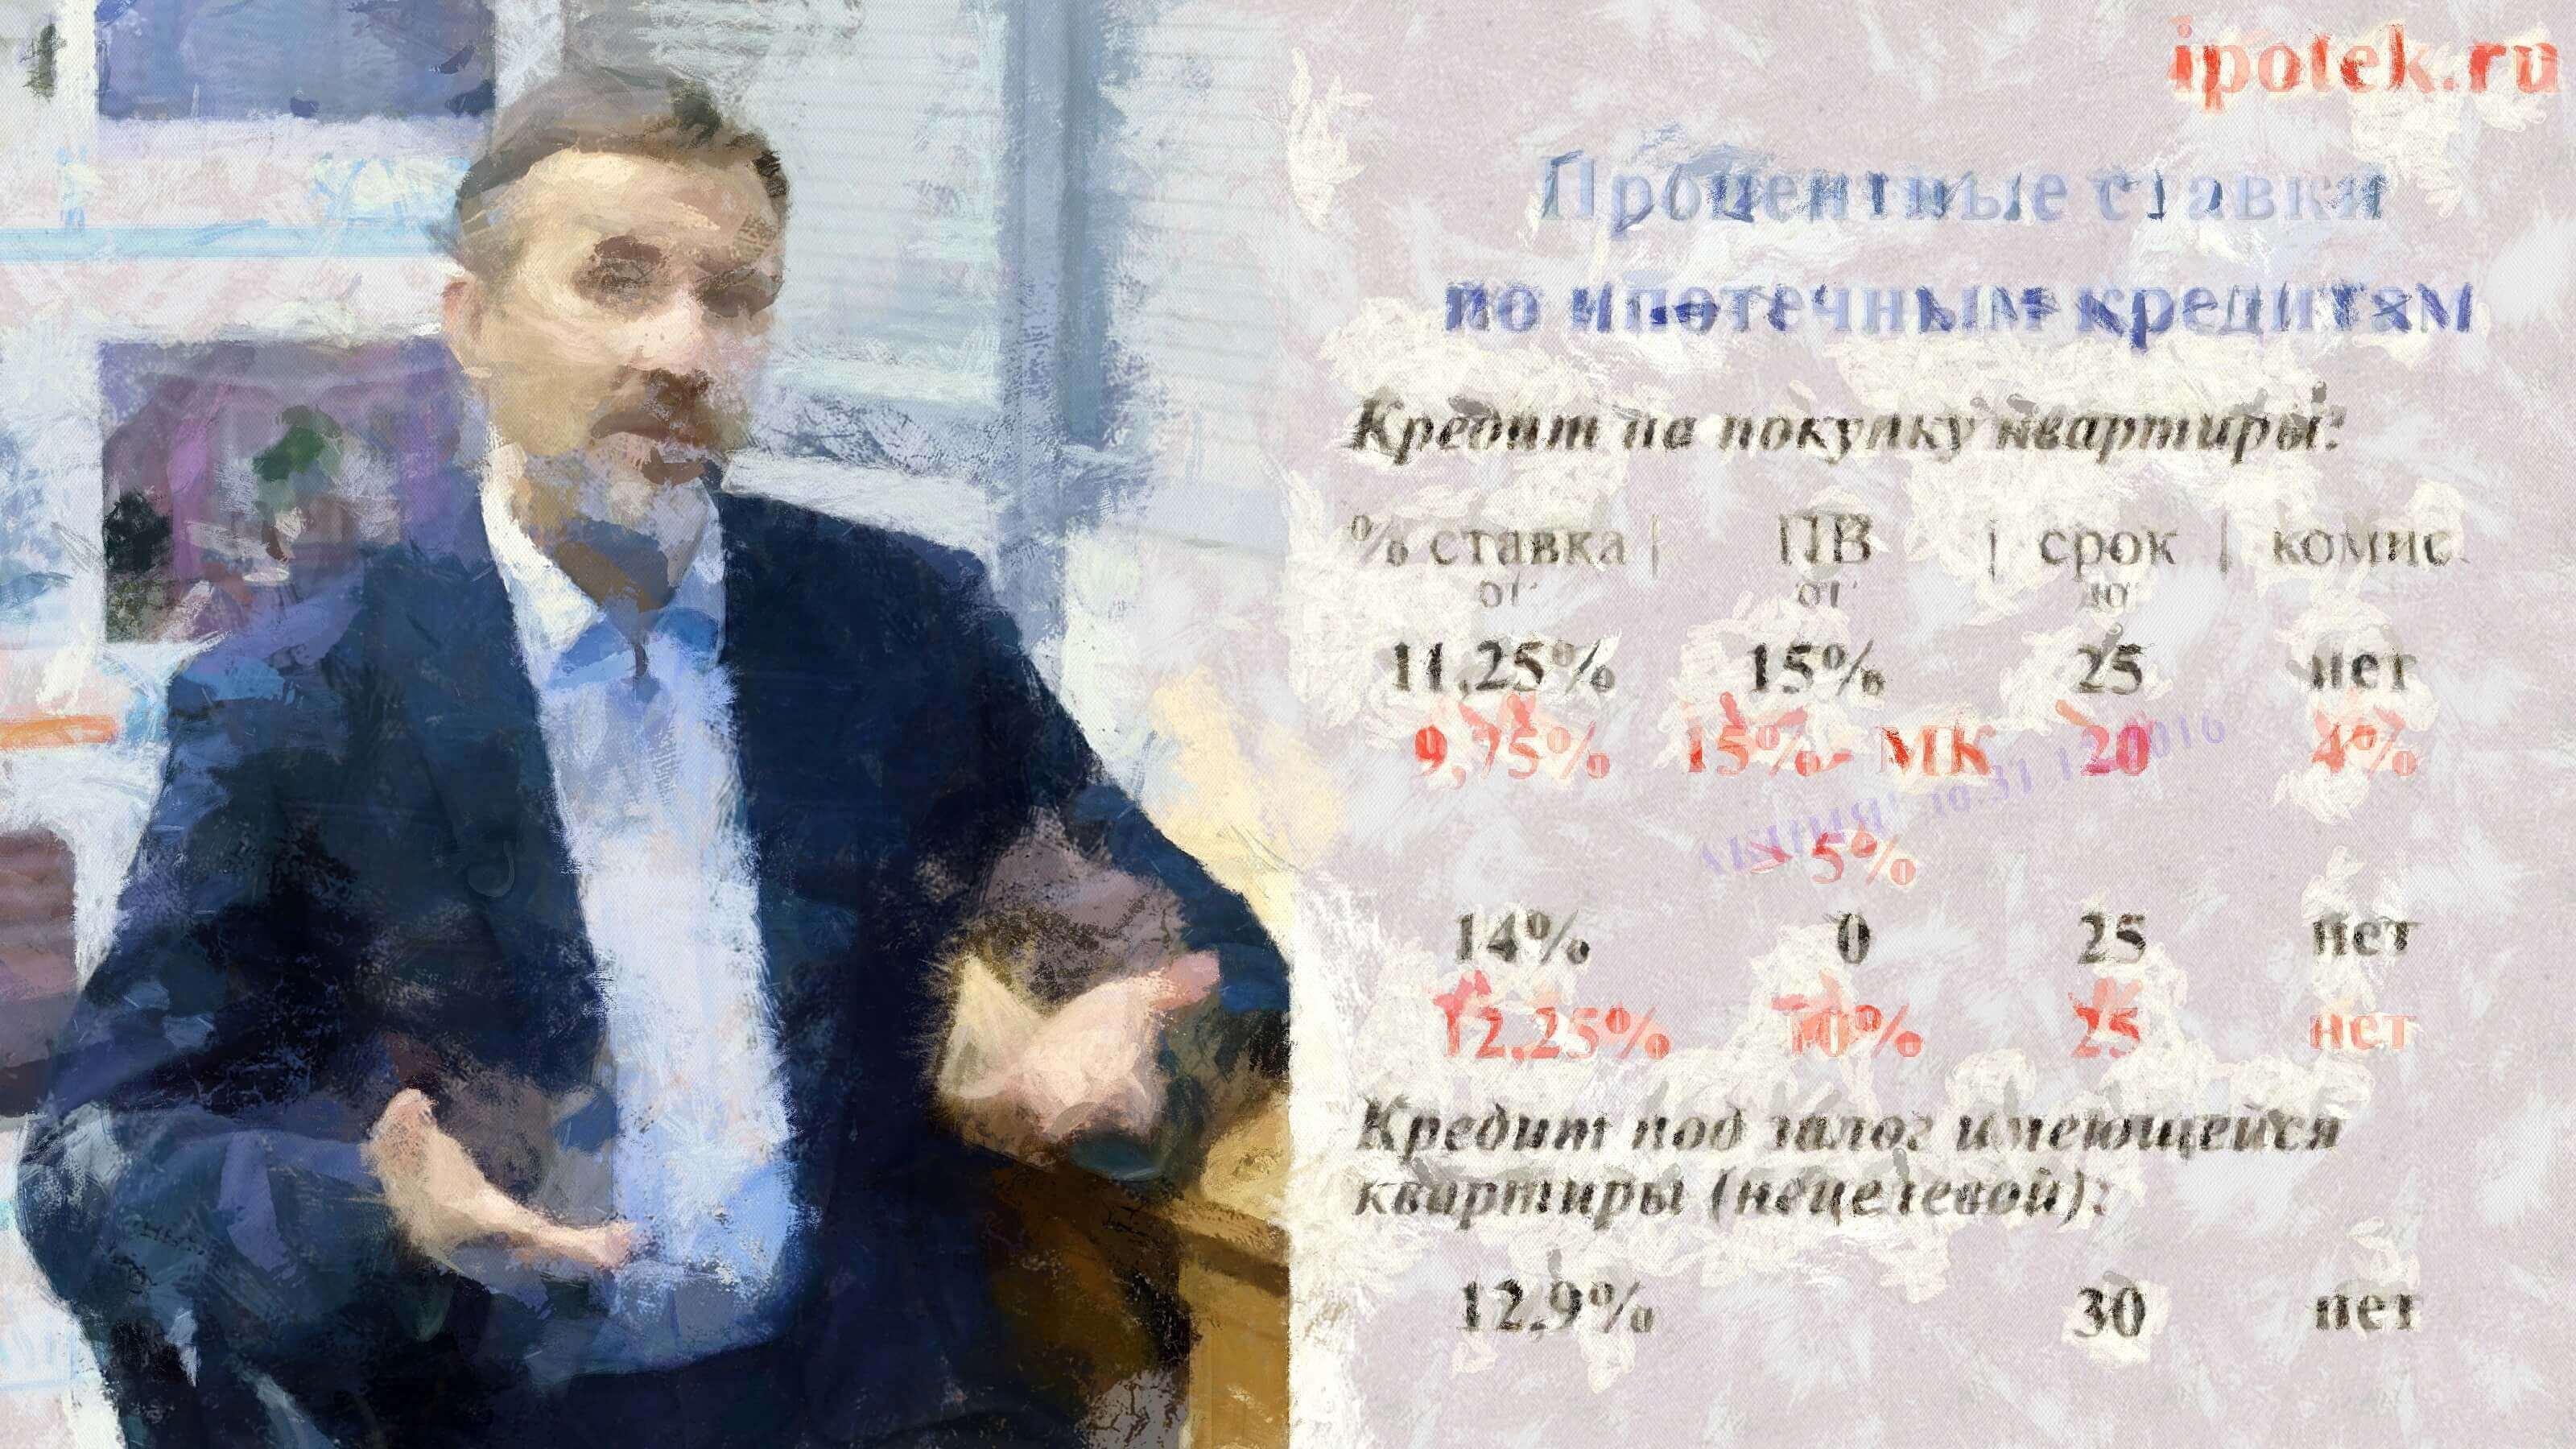 Введение в действие с 2018 года единой информационной системы (реестра) соцстрахования: какие проблемы, по мнению опытного юриста, ожидают россиян?